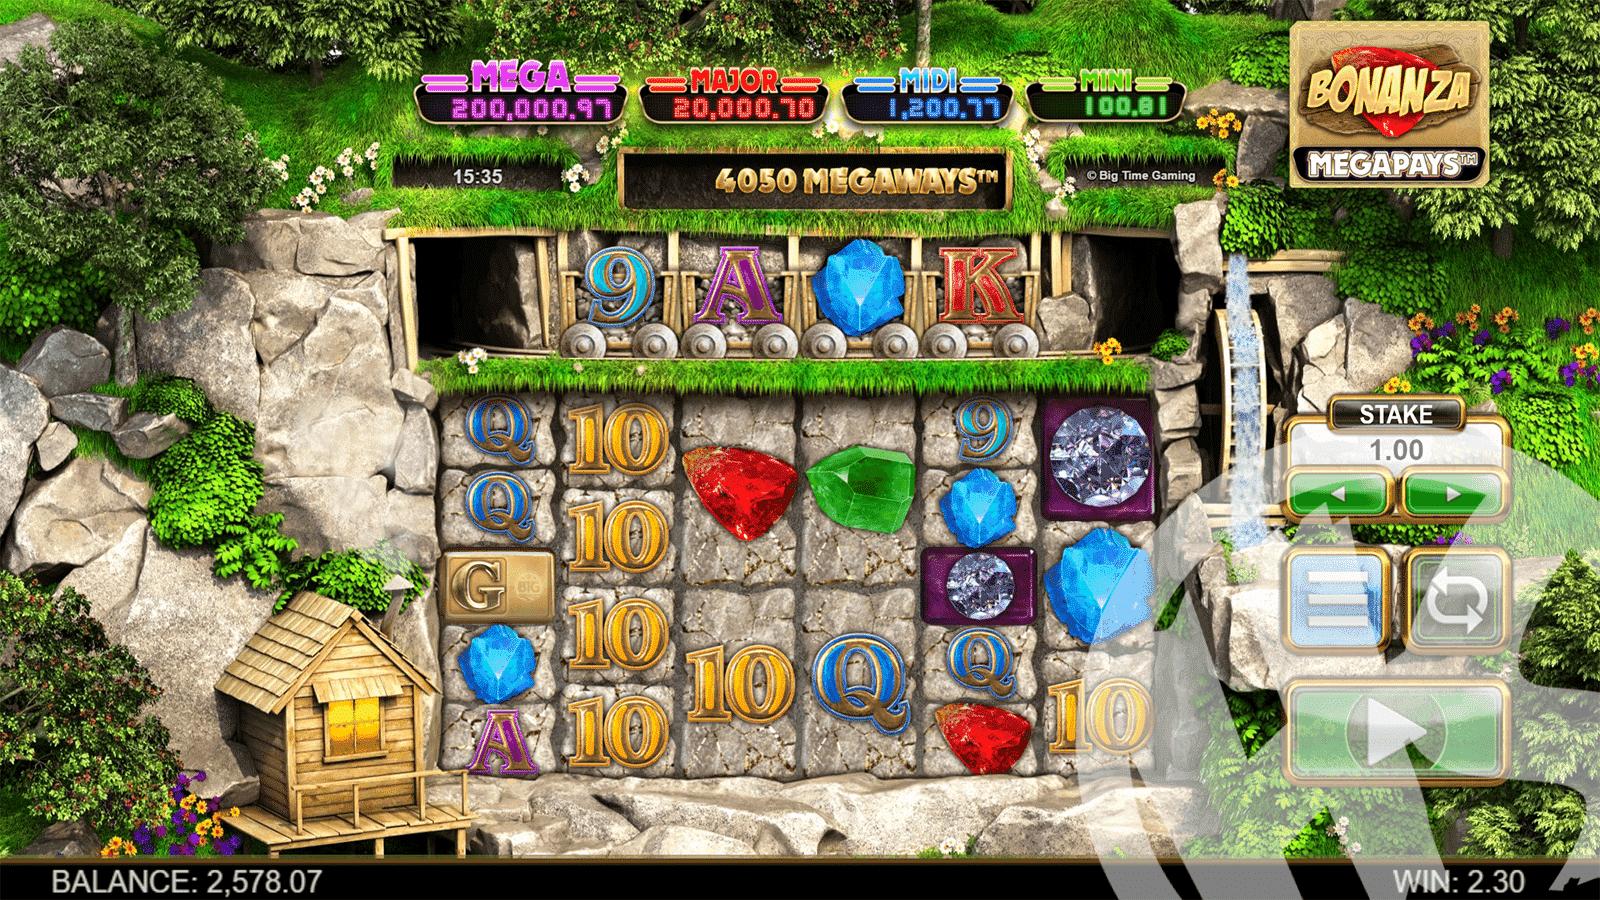 Bonanza Megapays Base Game